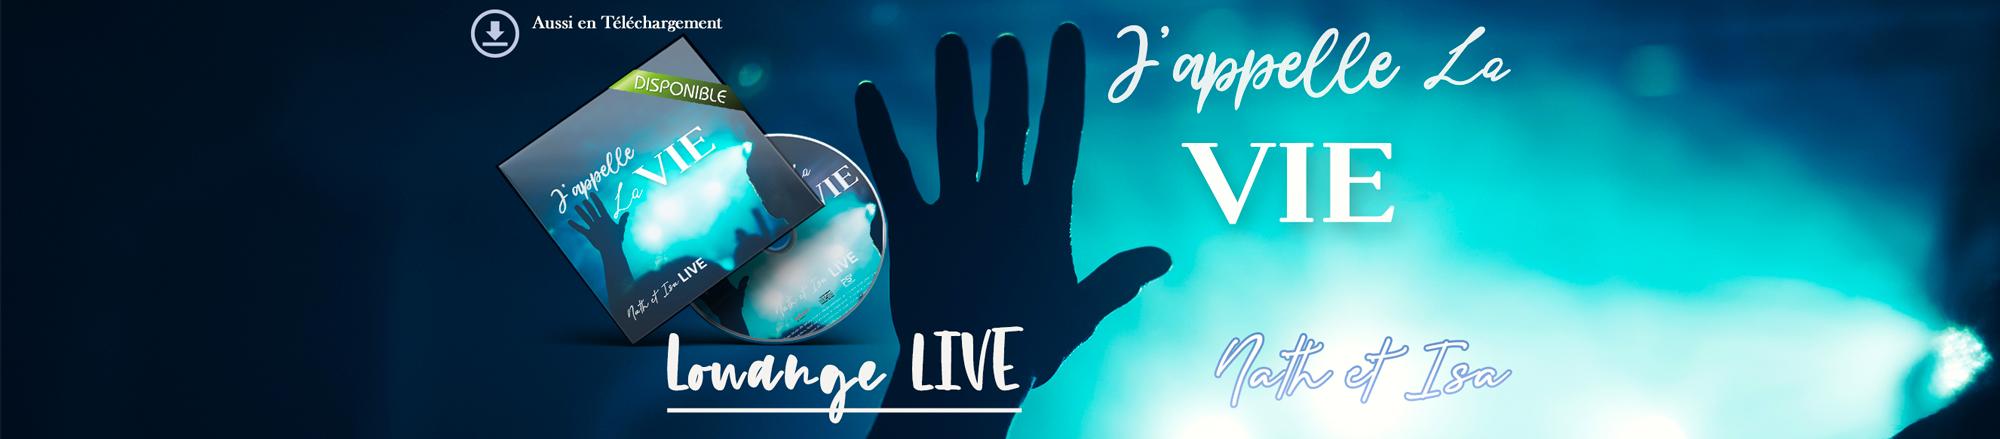 J'appelle La VIE - Louange LIVE